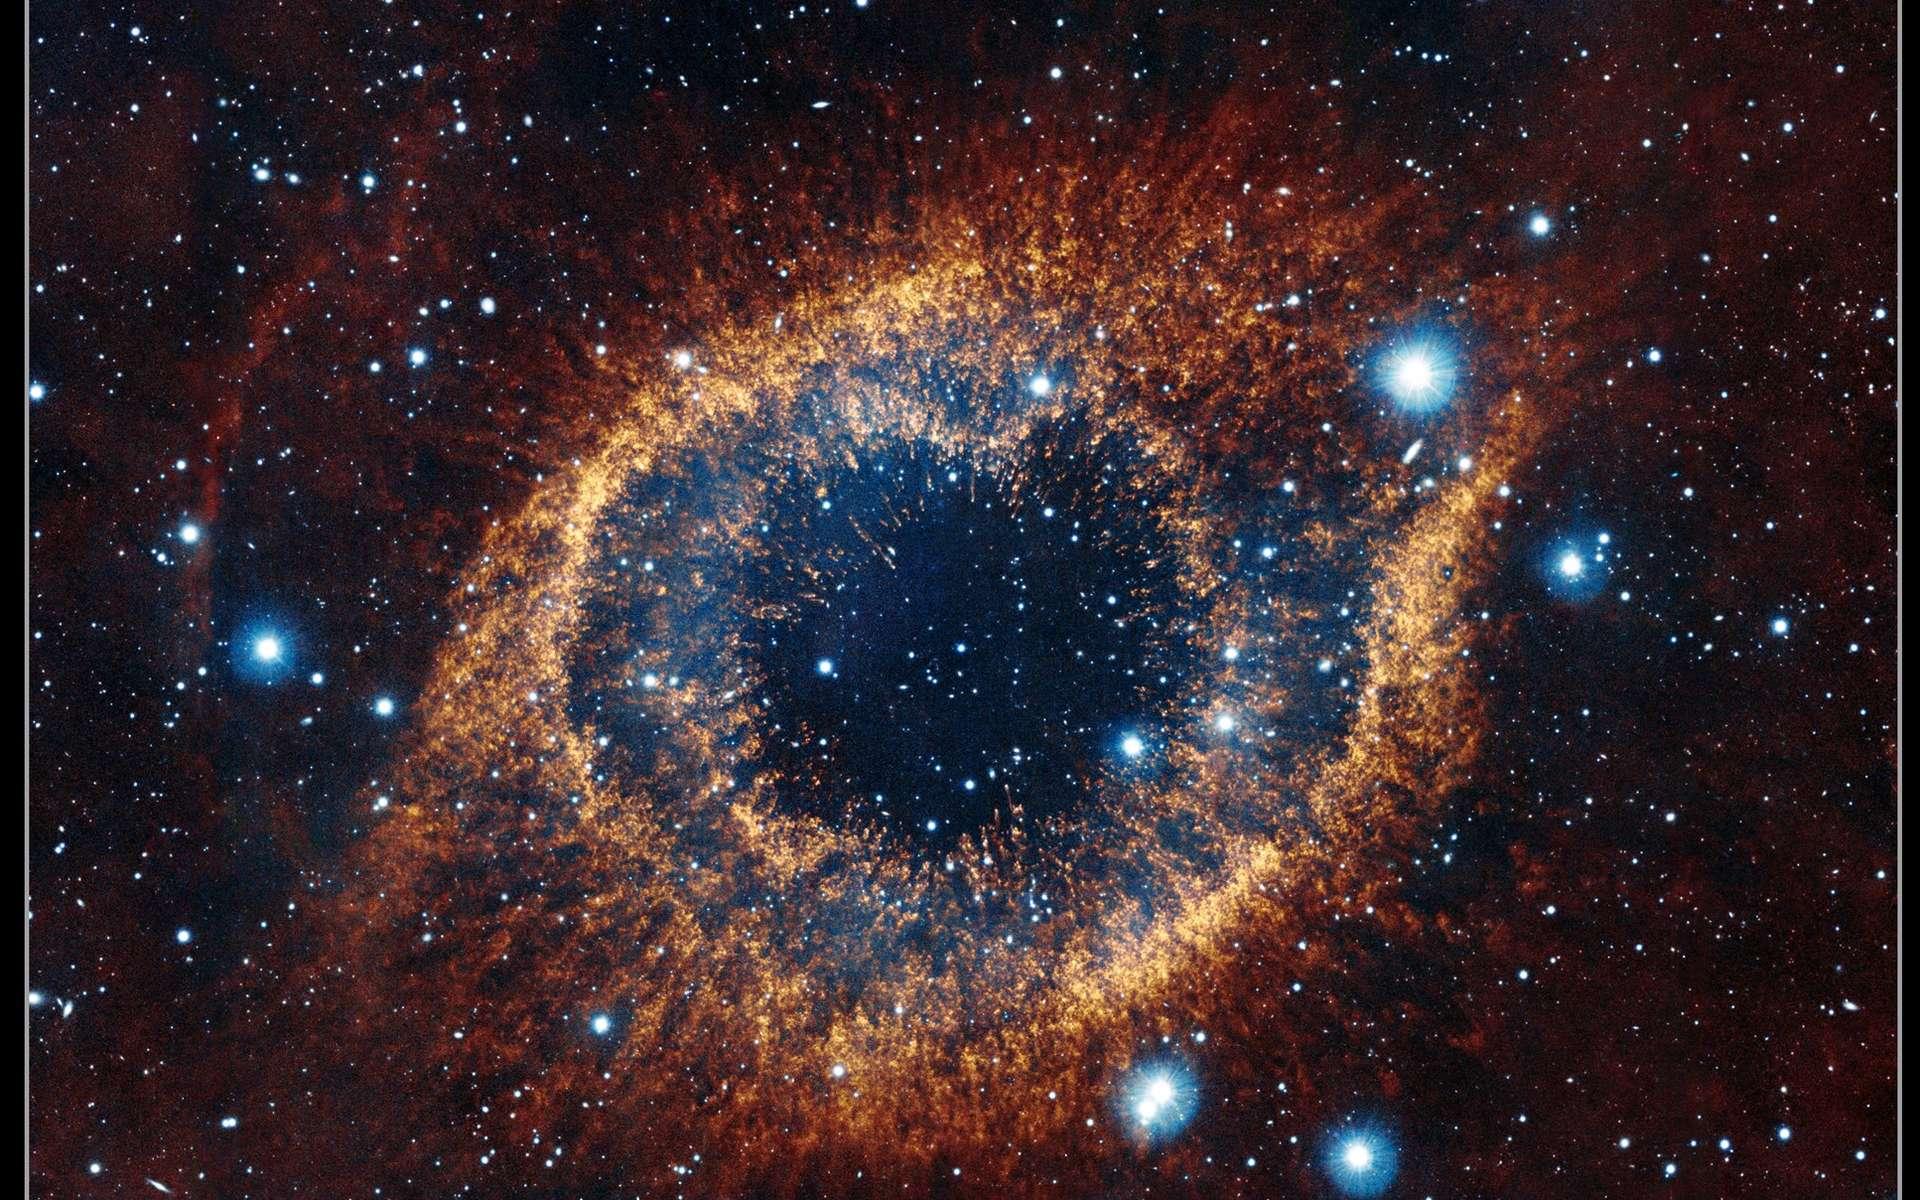 Image de la nébuleuse de l'Hélice réalisée en infrarouge par le télescope Vista. © ESO